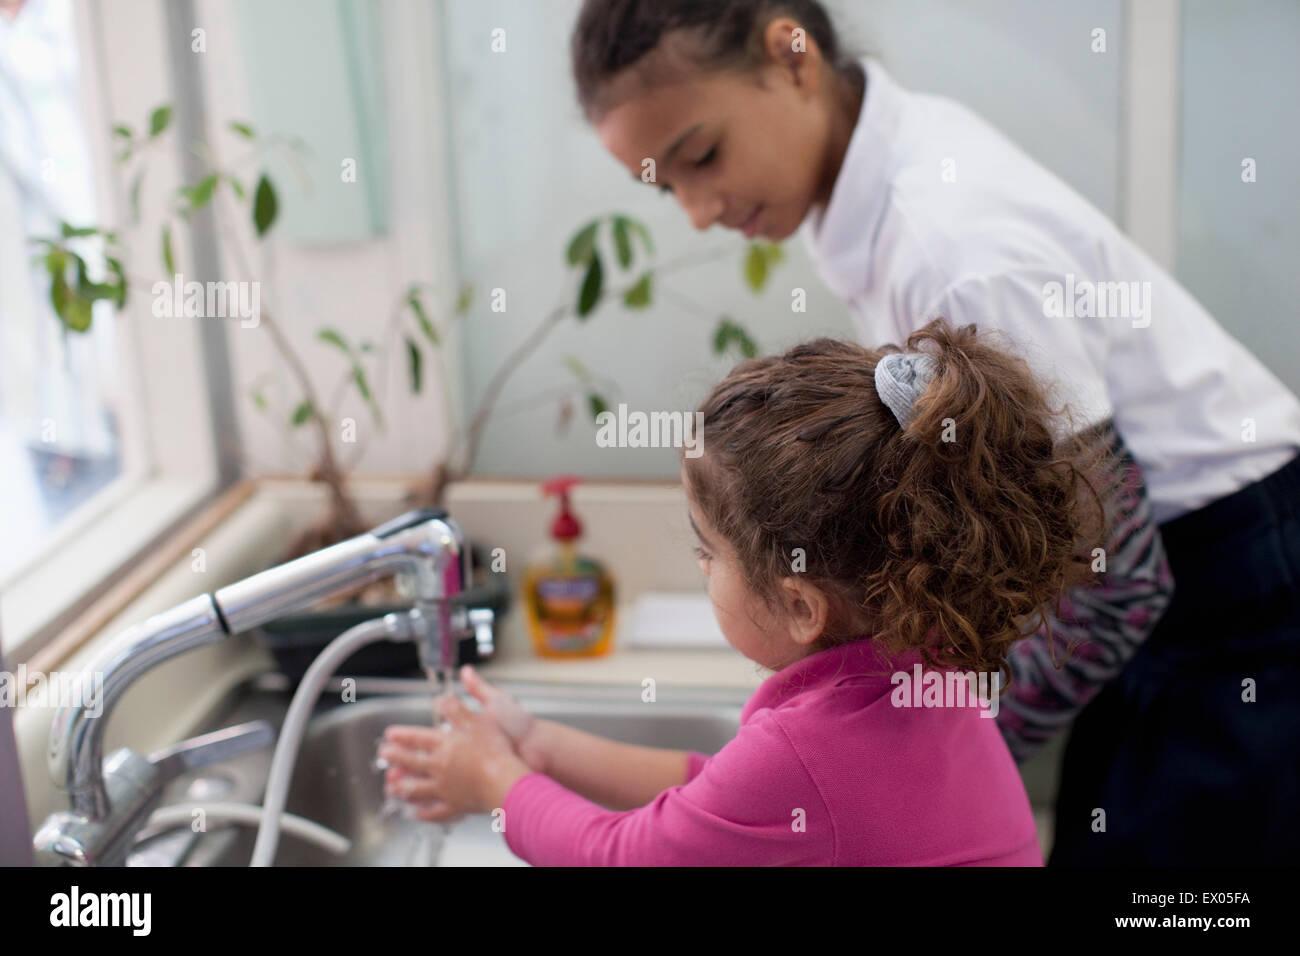 Girl watching toddler washing hands - Stock Image